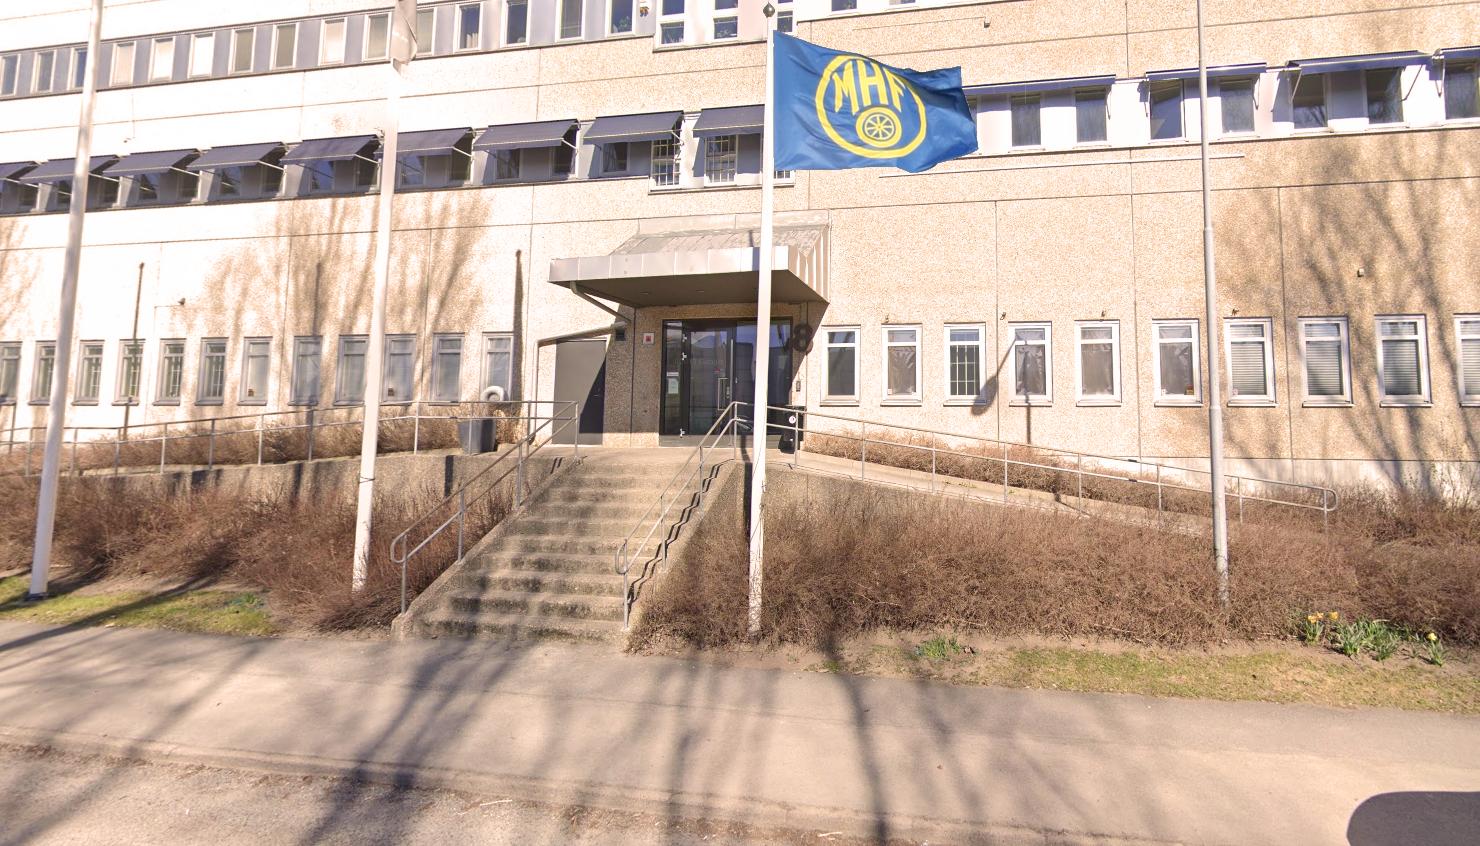 Byängsgränd 8. Med monterad MHF-flagga.